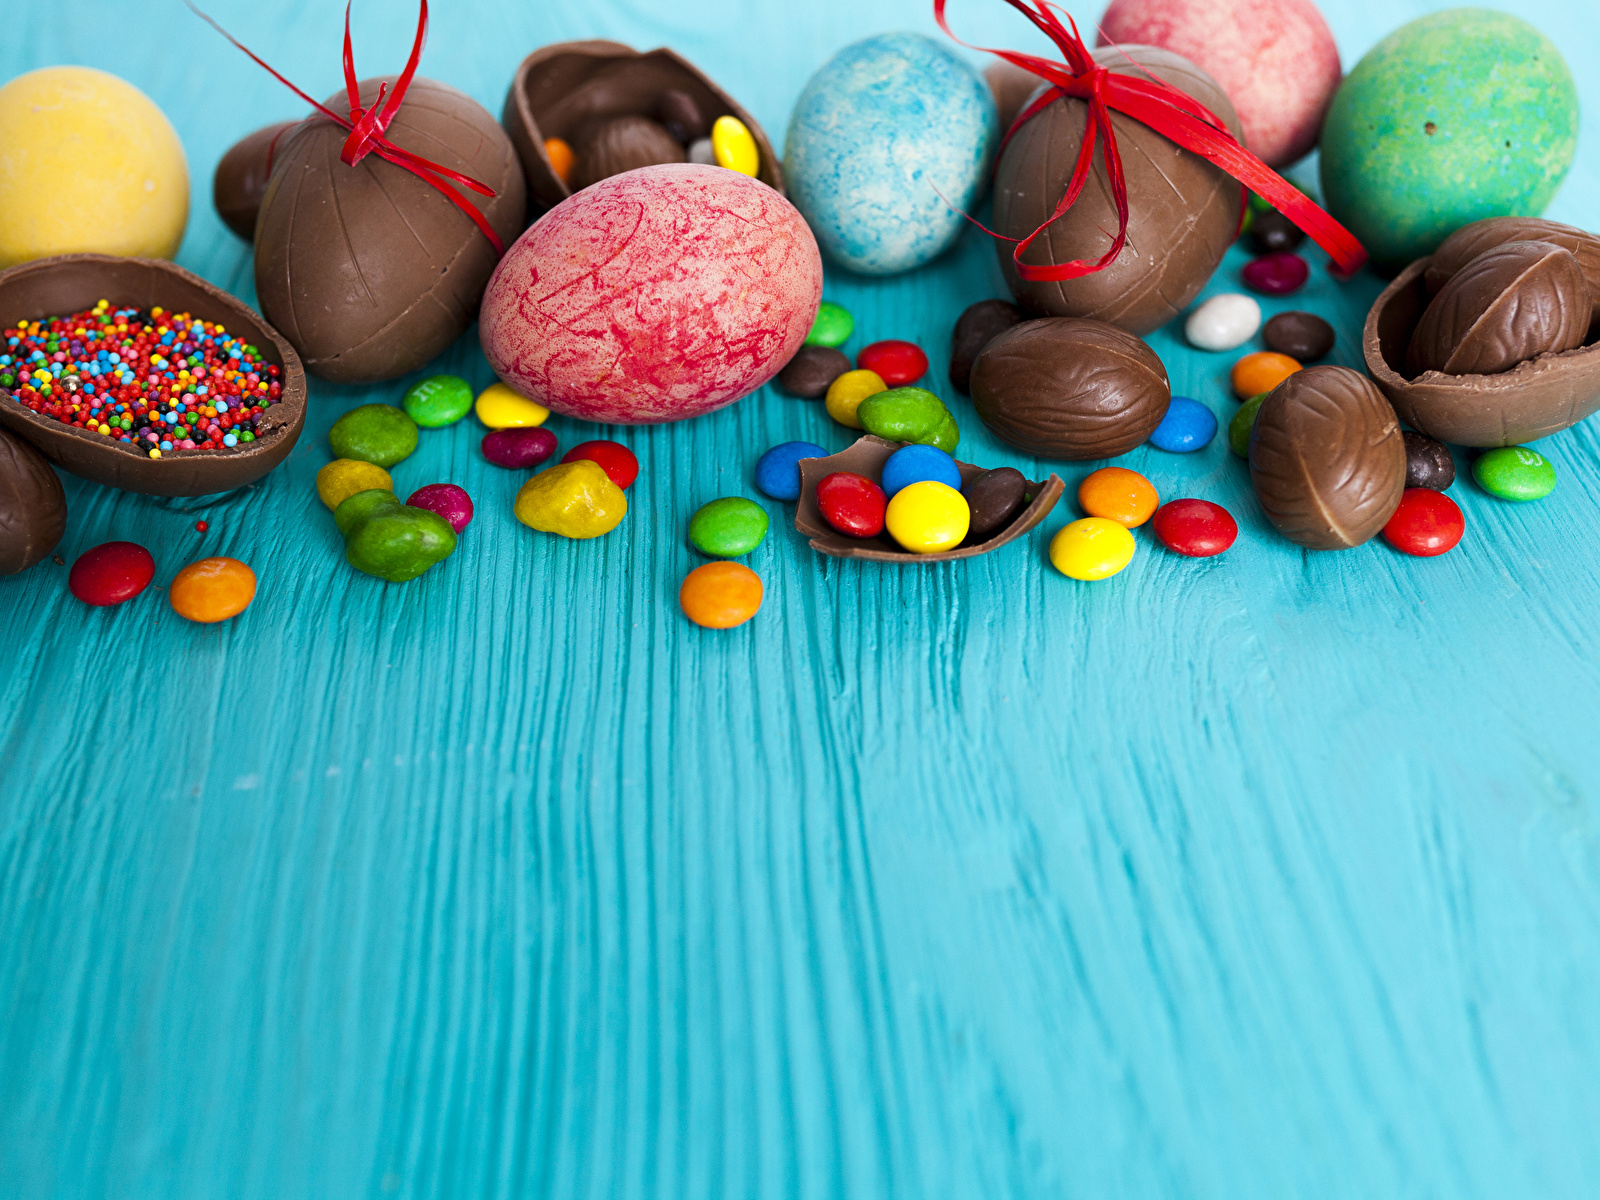 Фото Пасха яиц Шоколад Конфеты Еда сладкая еда 1600x1200 яйцо Яйца яйцами Пища Продукты питания Сладости